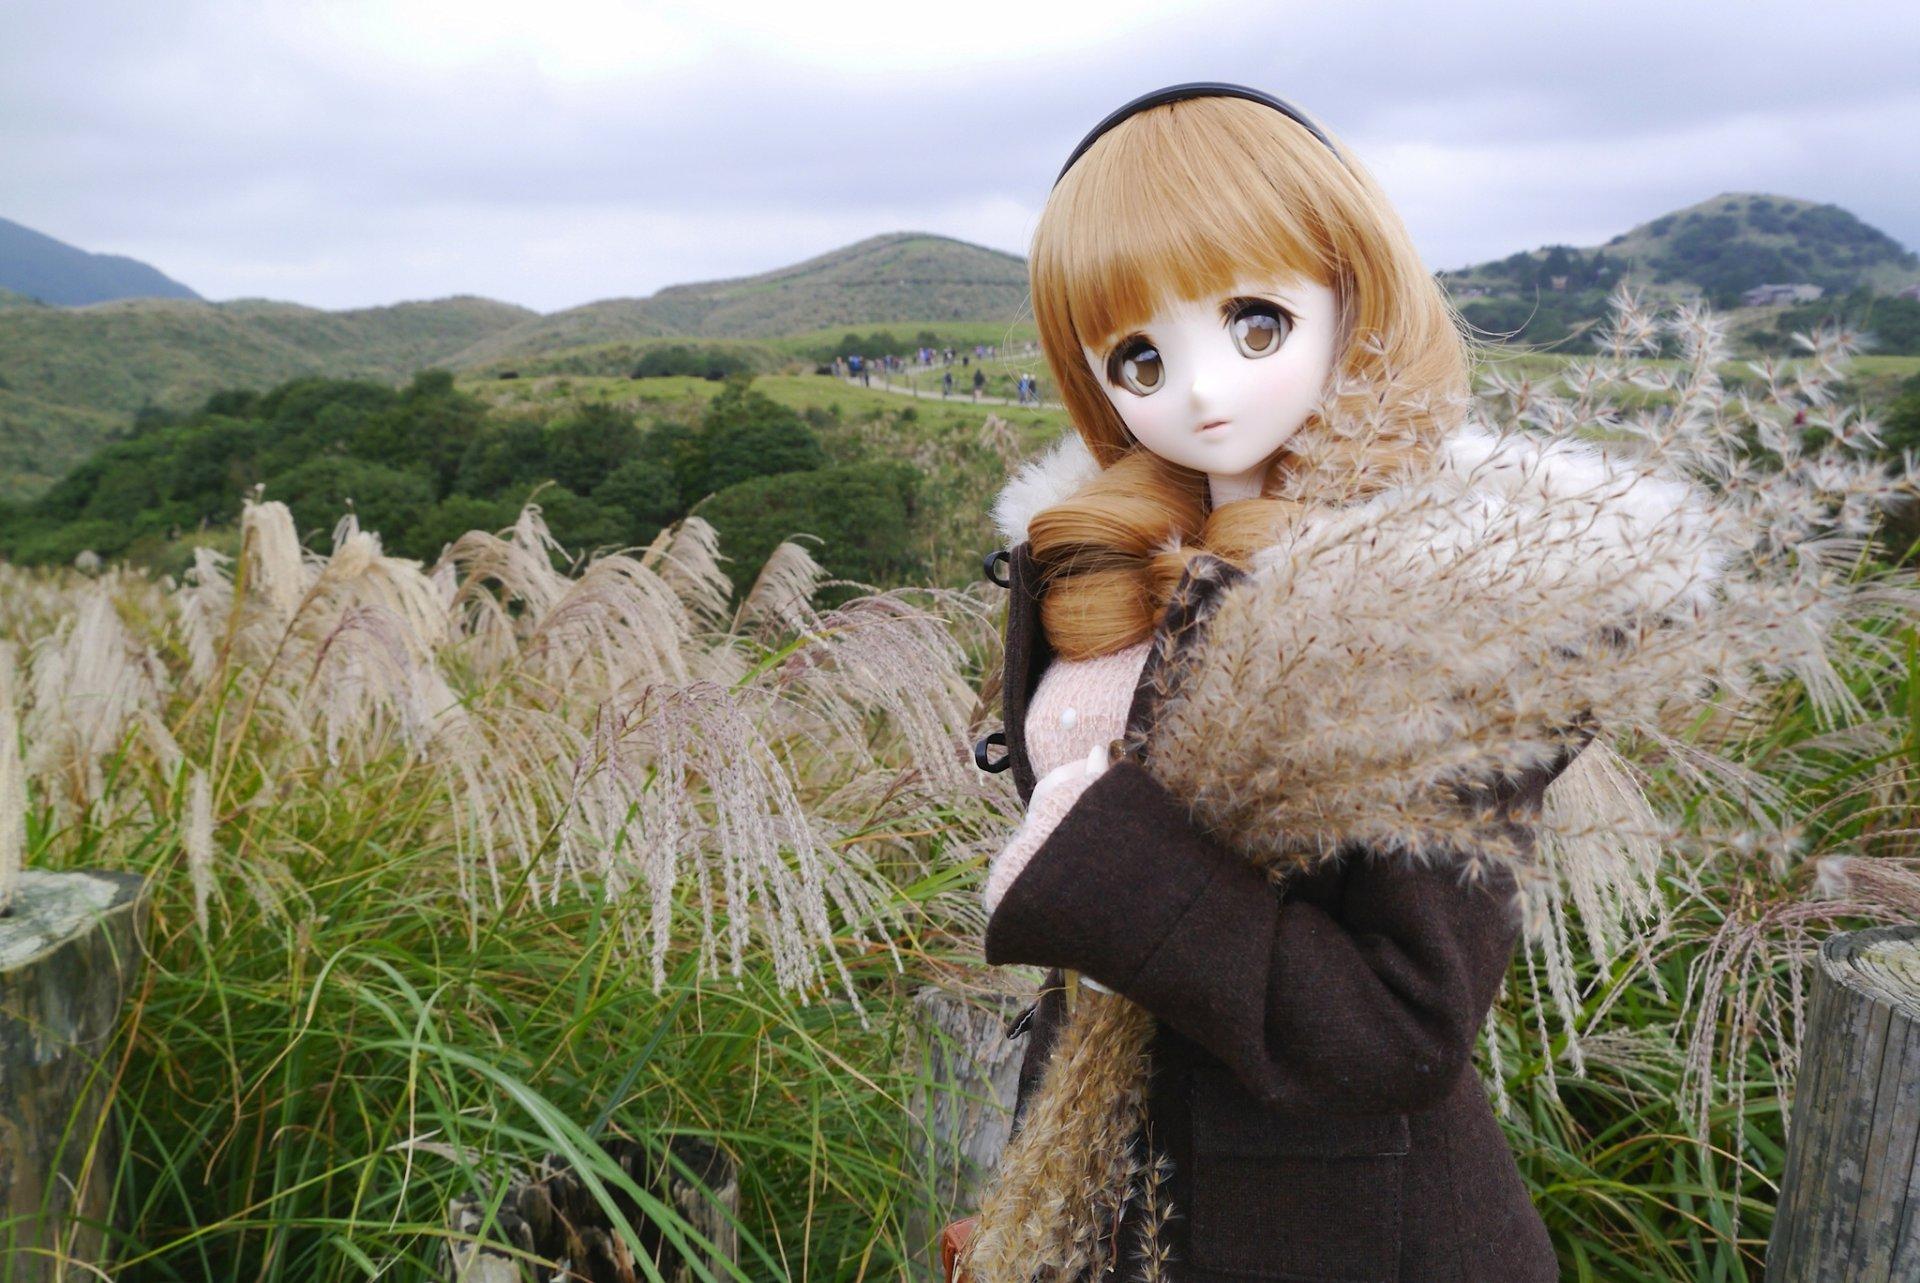 фото наших кукол на природе повеселиться